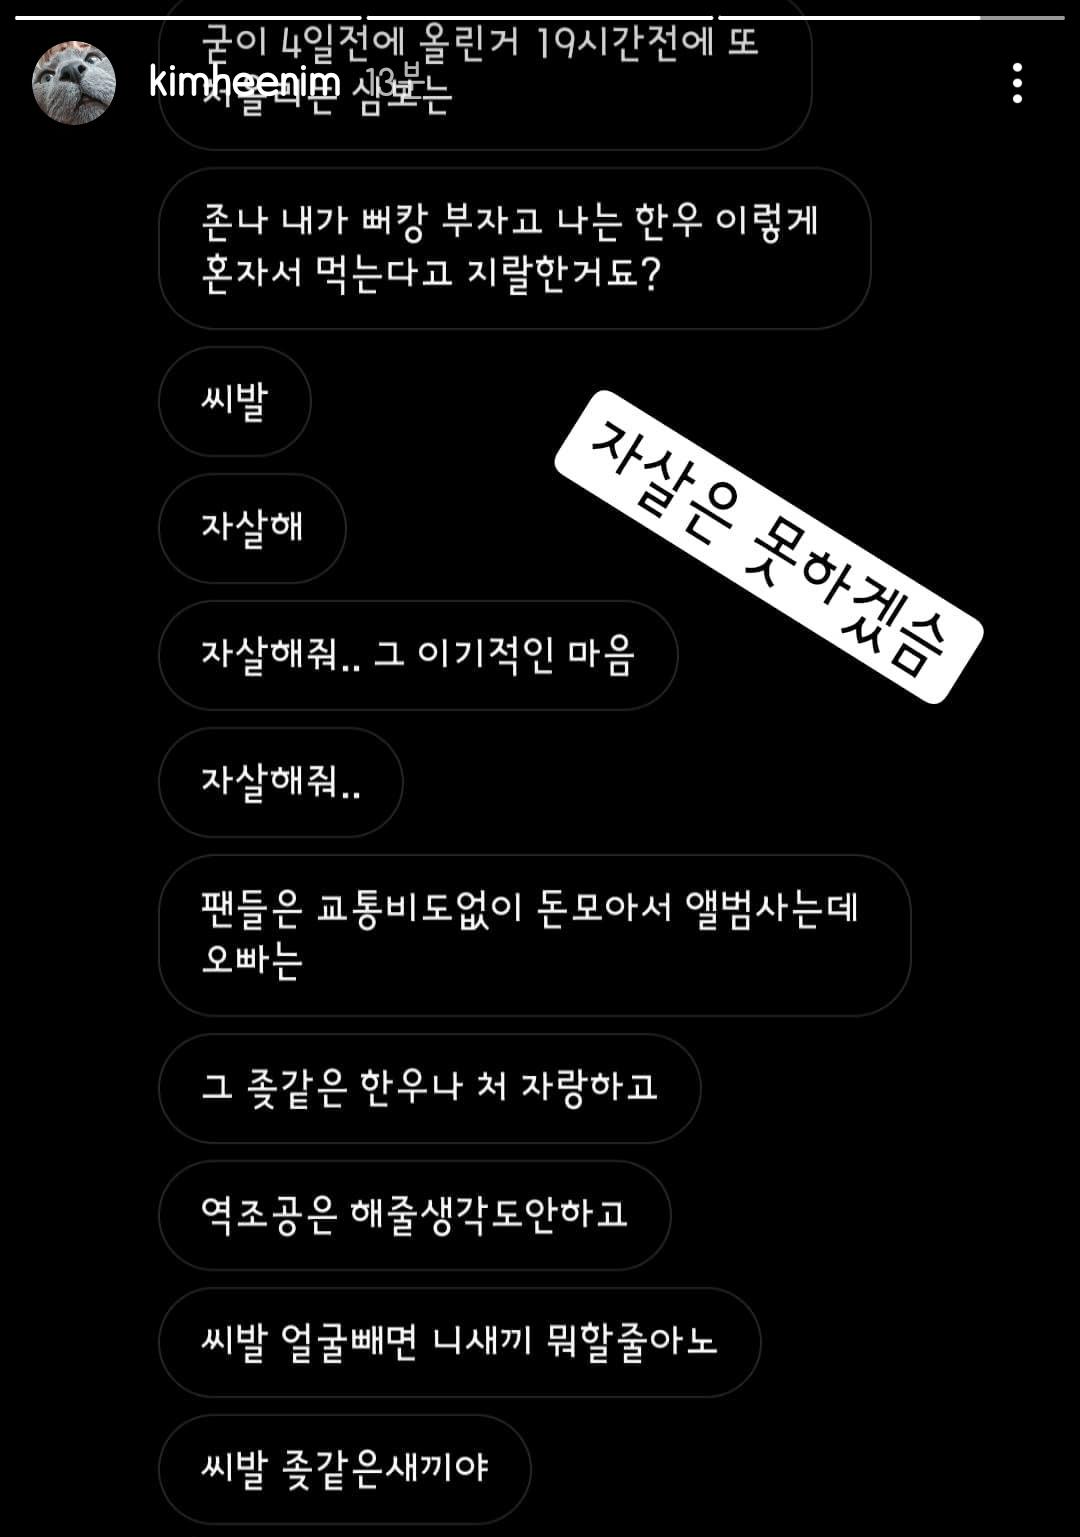 image.png 김희철 인스타 스토리에 박제된 사람